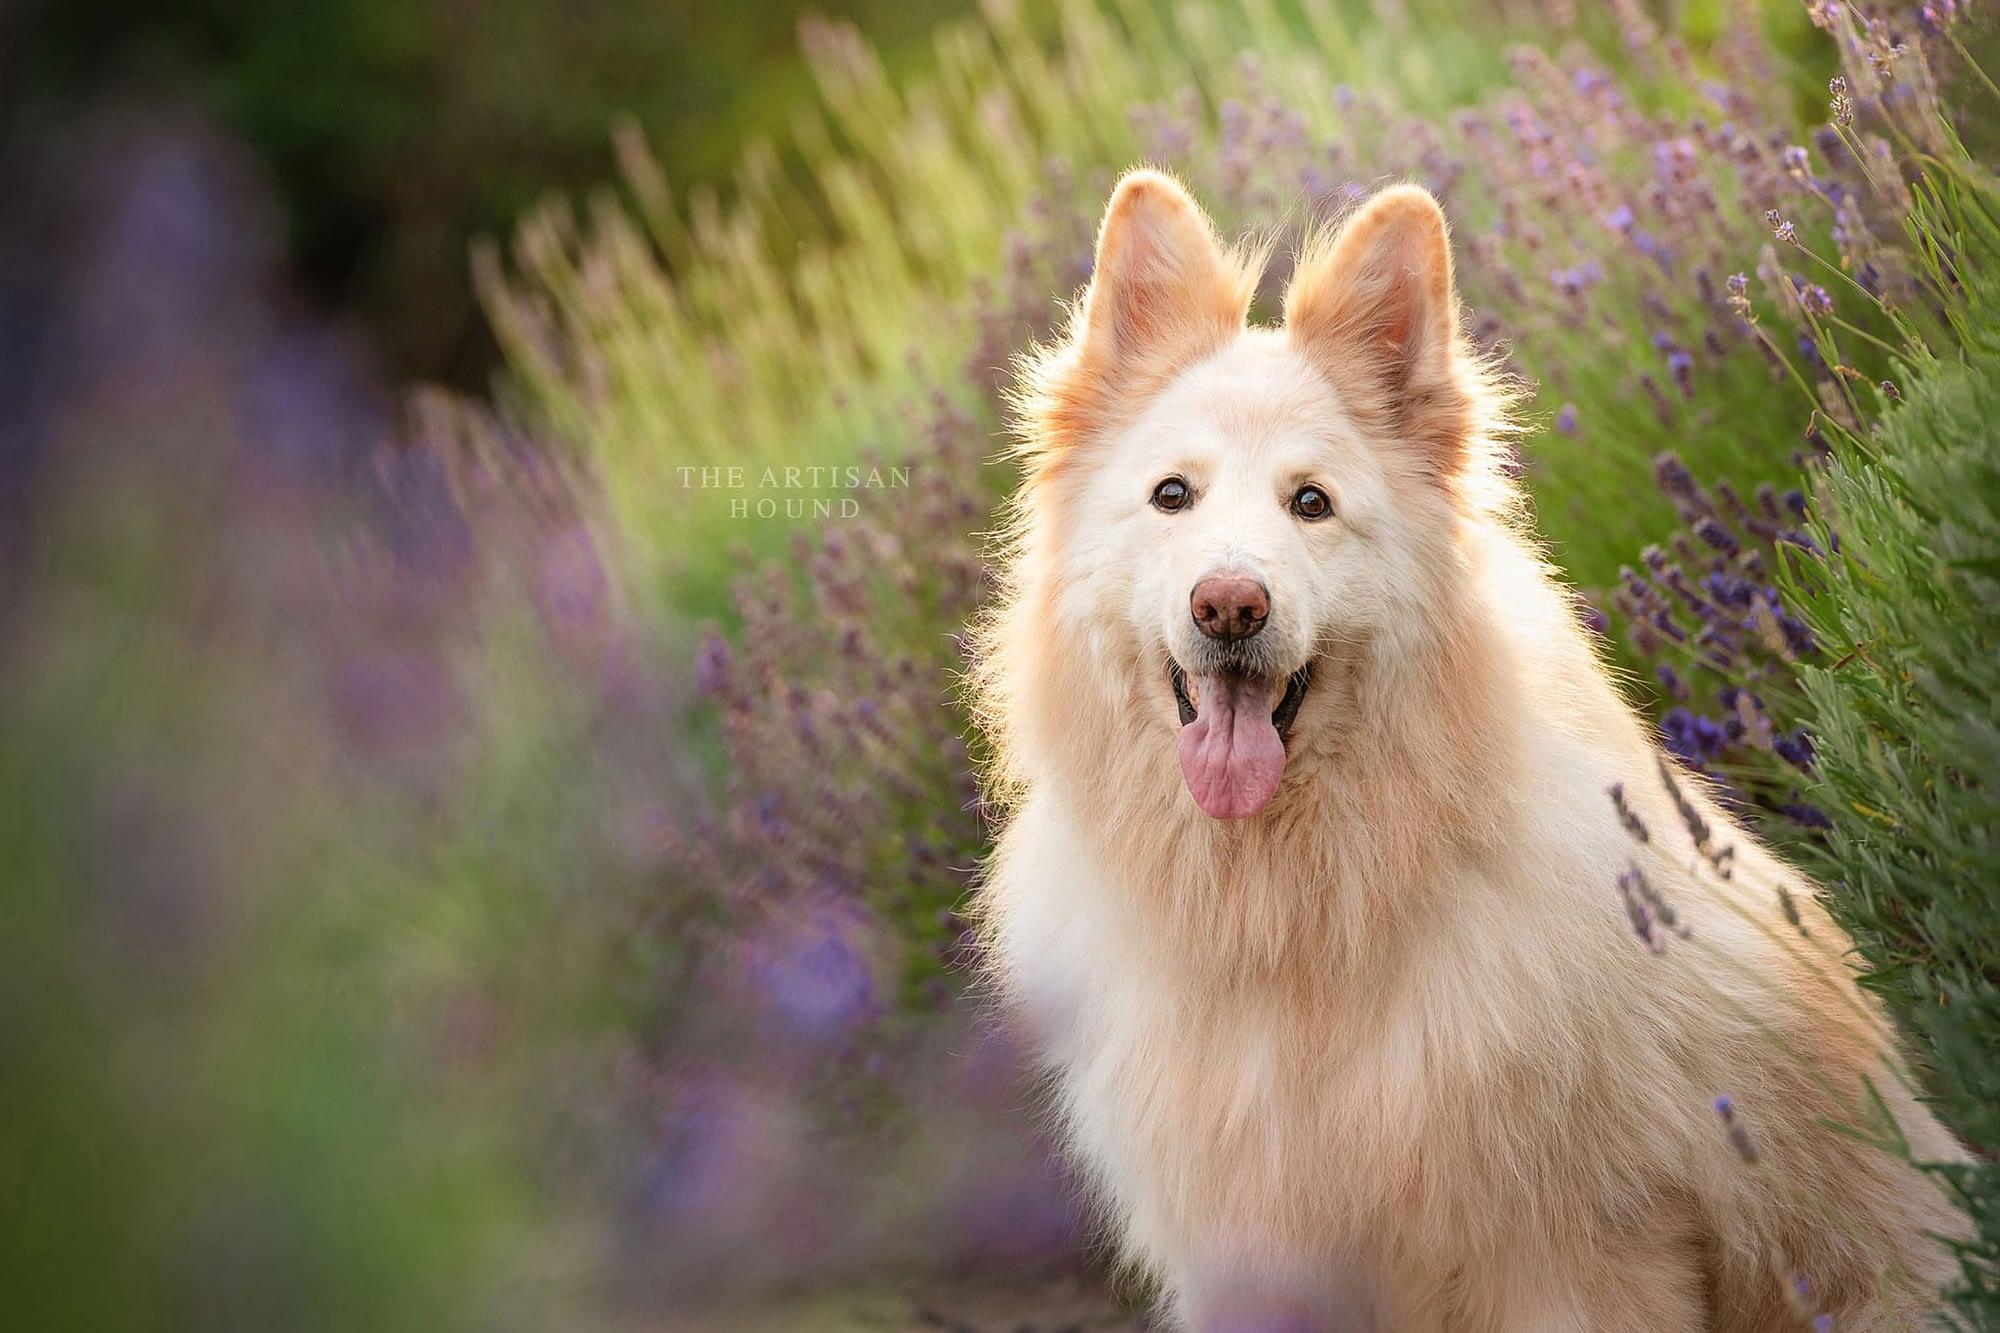 White German Shepherd sitting among lavender bushes